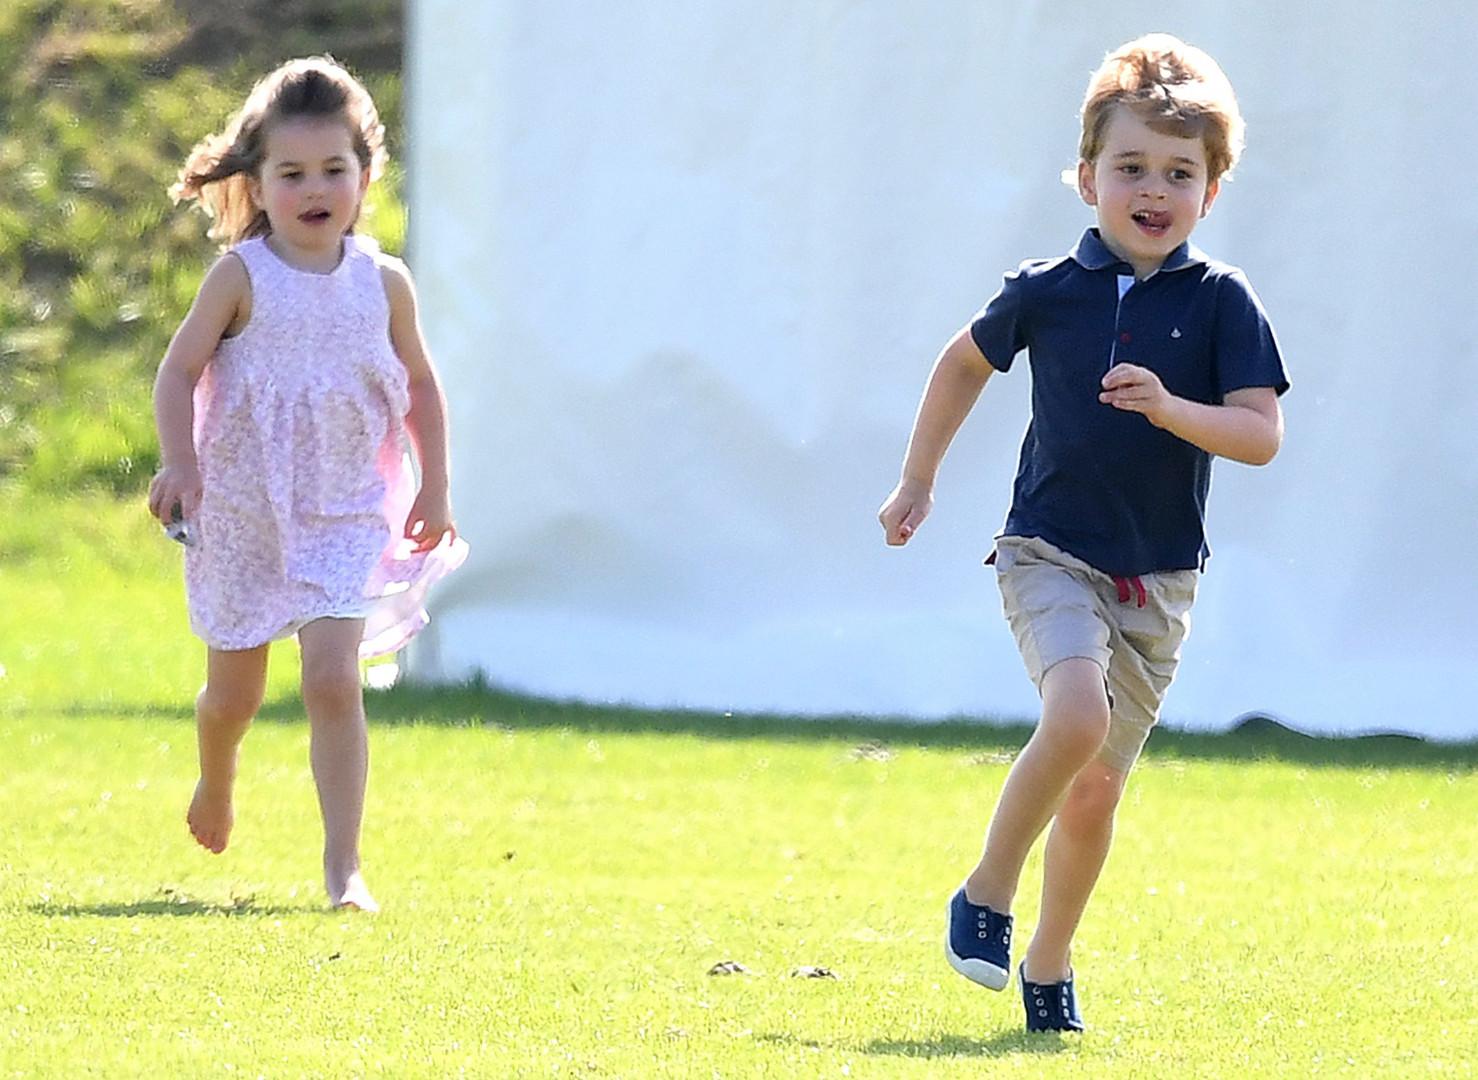 La princesse Charlotte et le prince George font la course sur le terrain